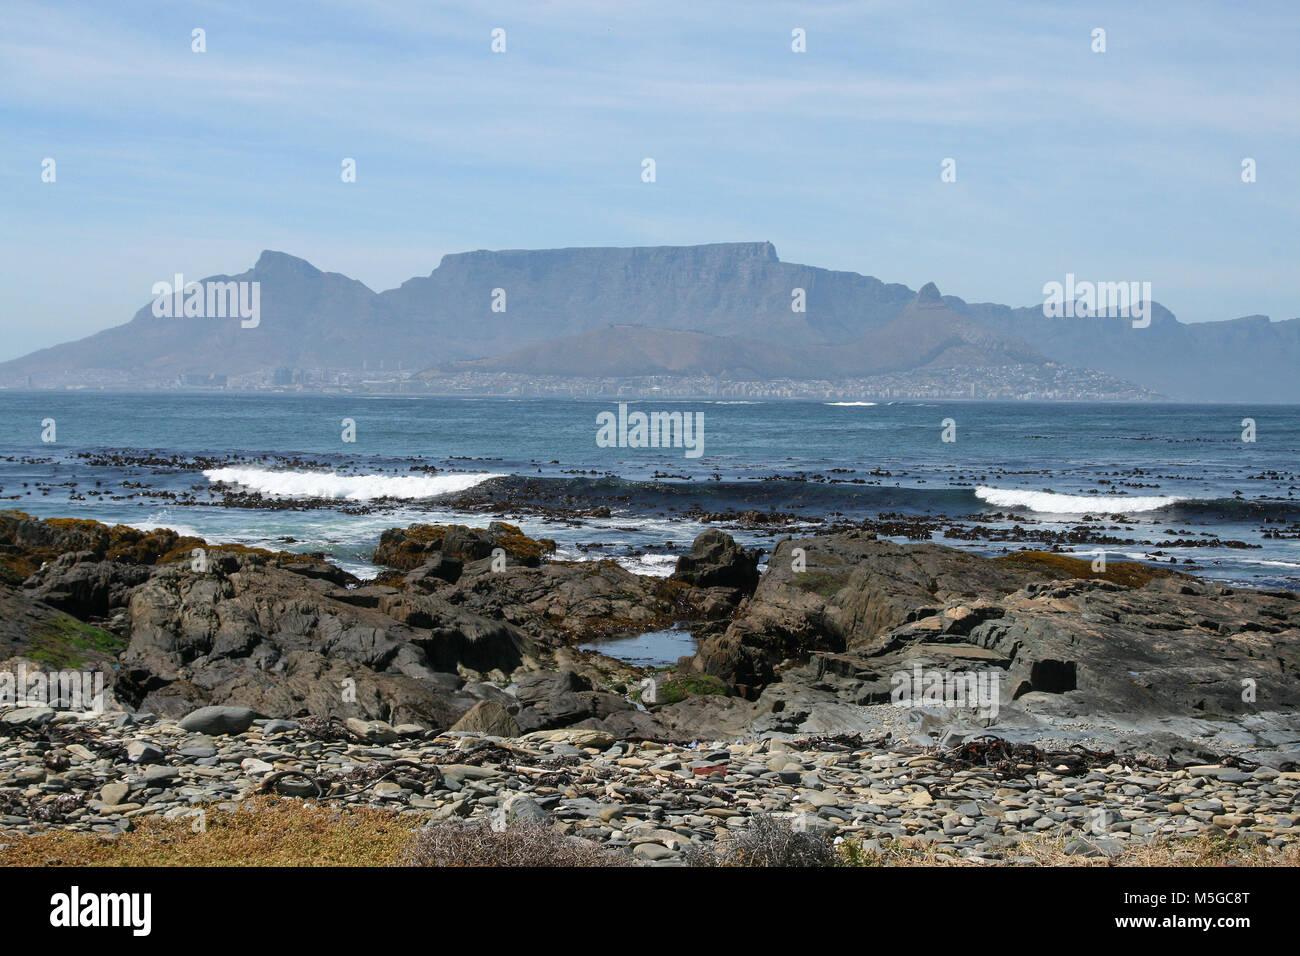 Robben island prison tour stock photos robben island - Robben island and table mountain tour ...